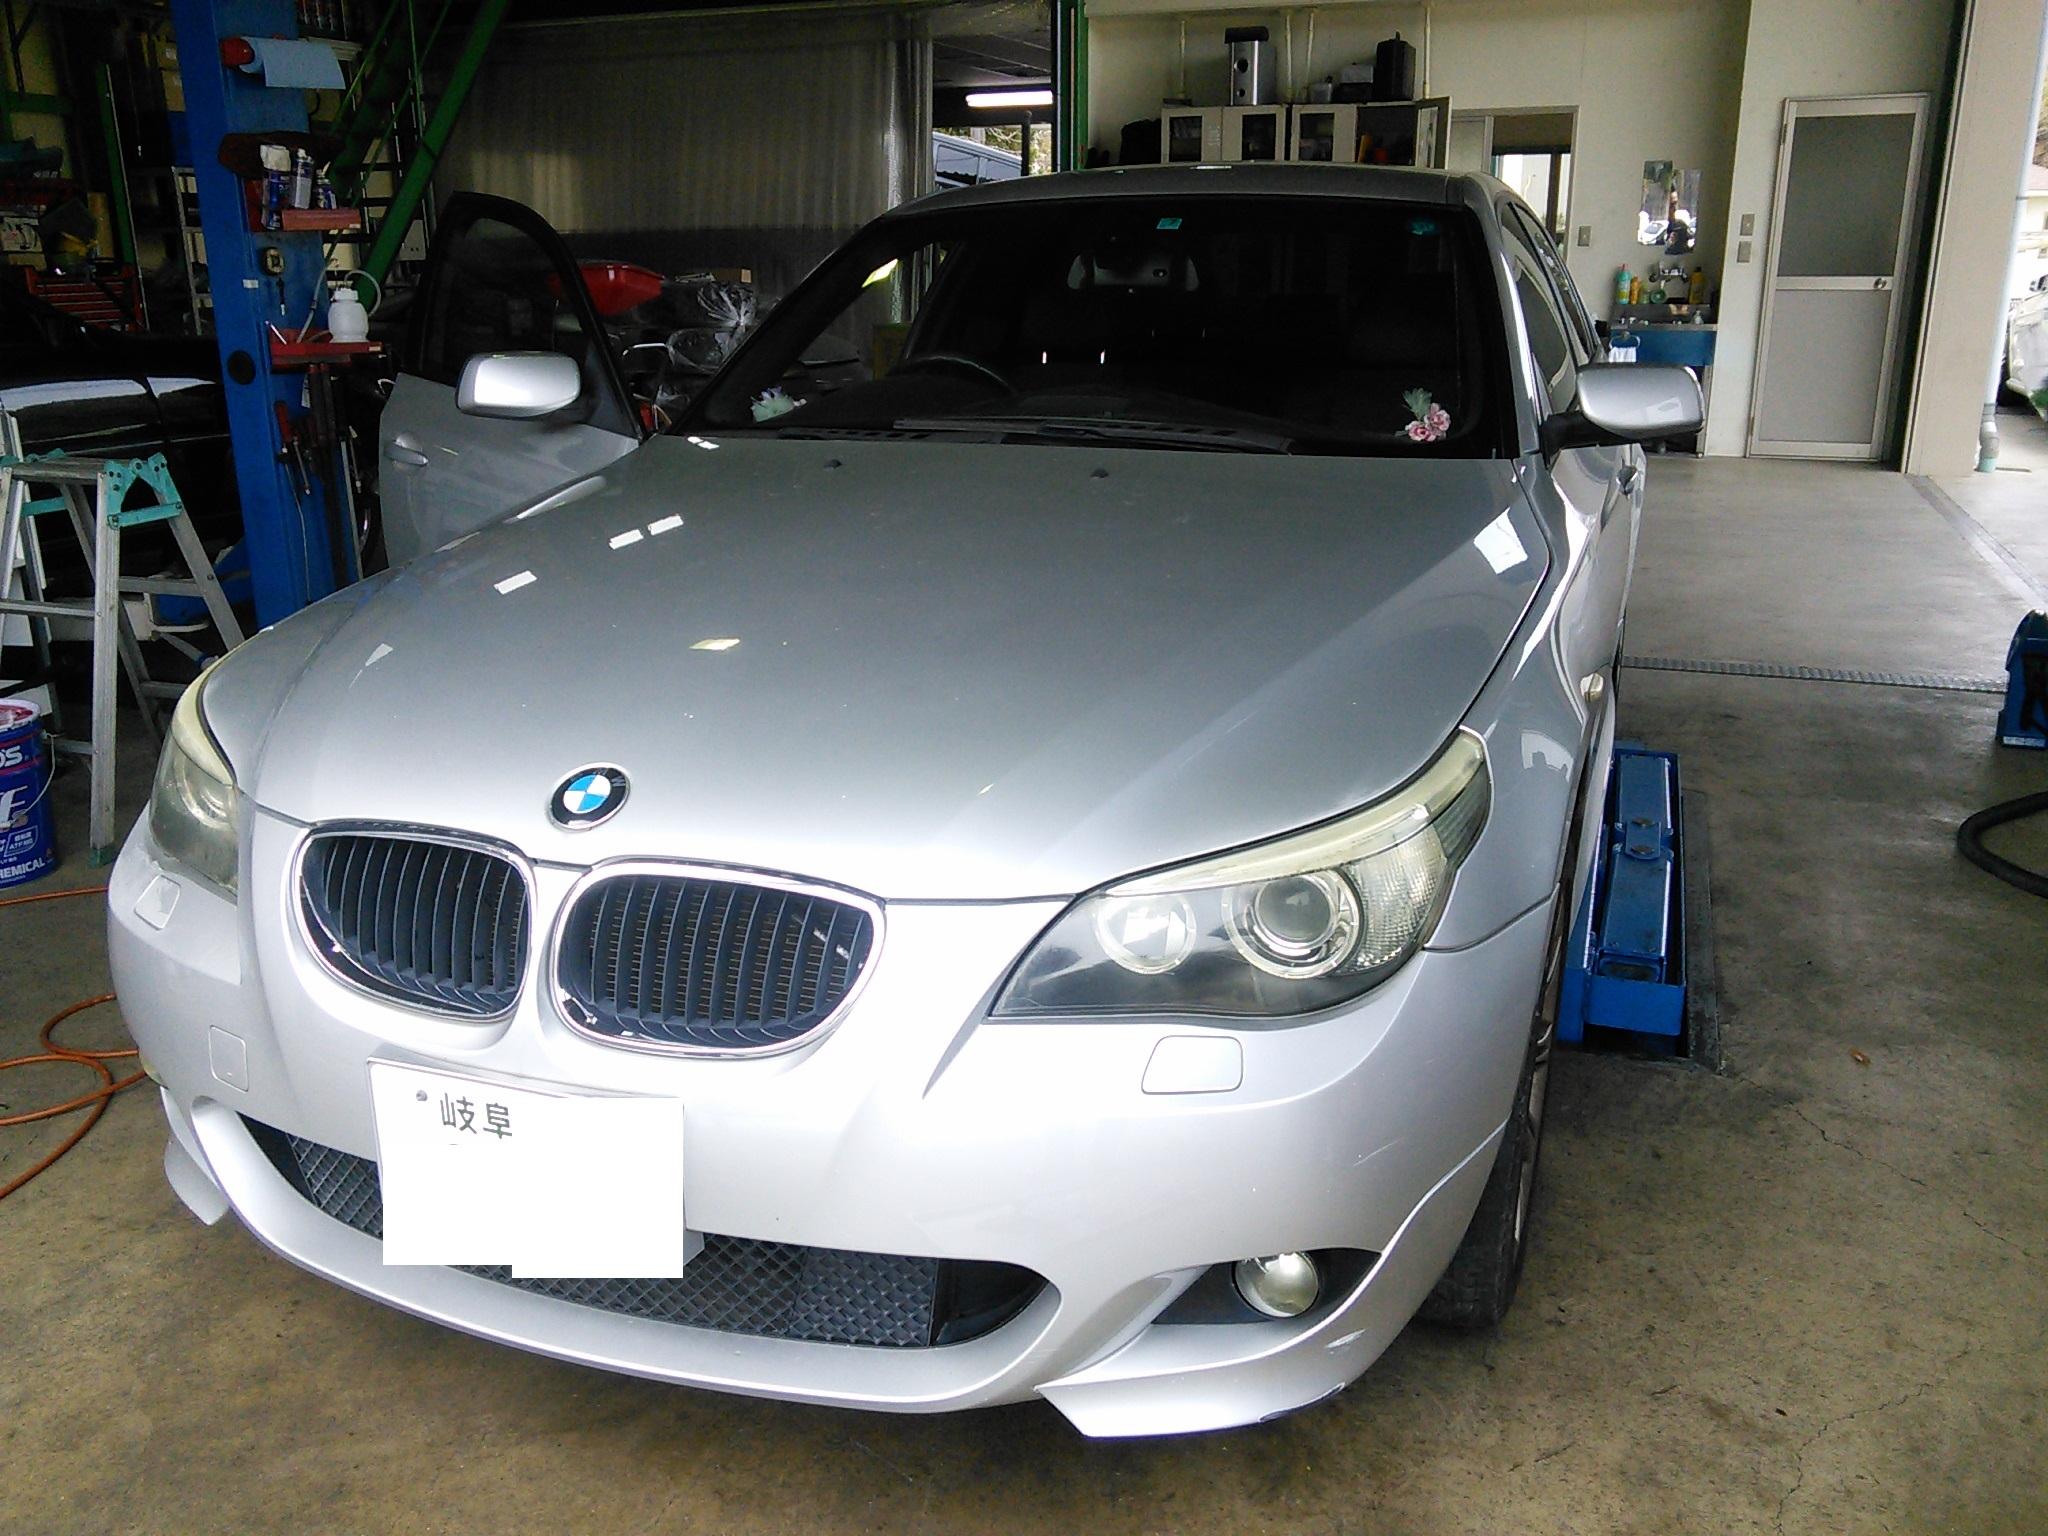 BMW E60 AT警告点灯 エマージェンシモードになり変速しない